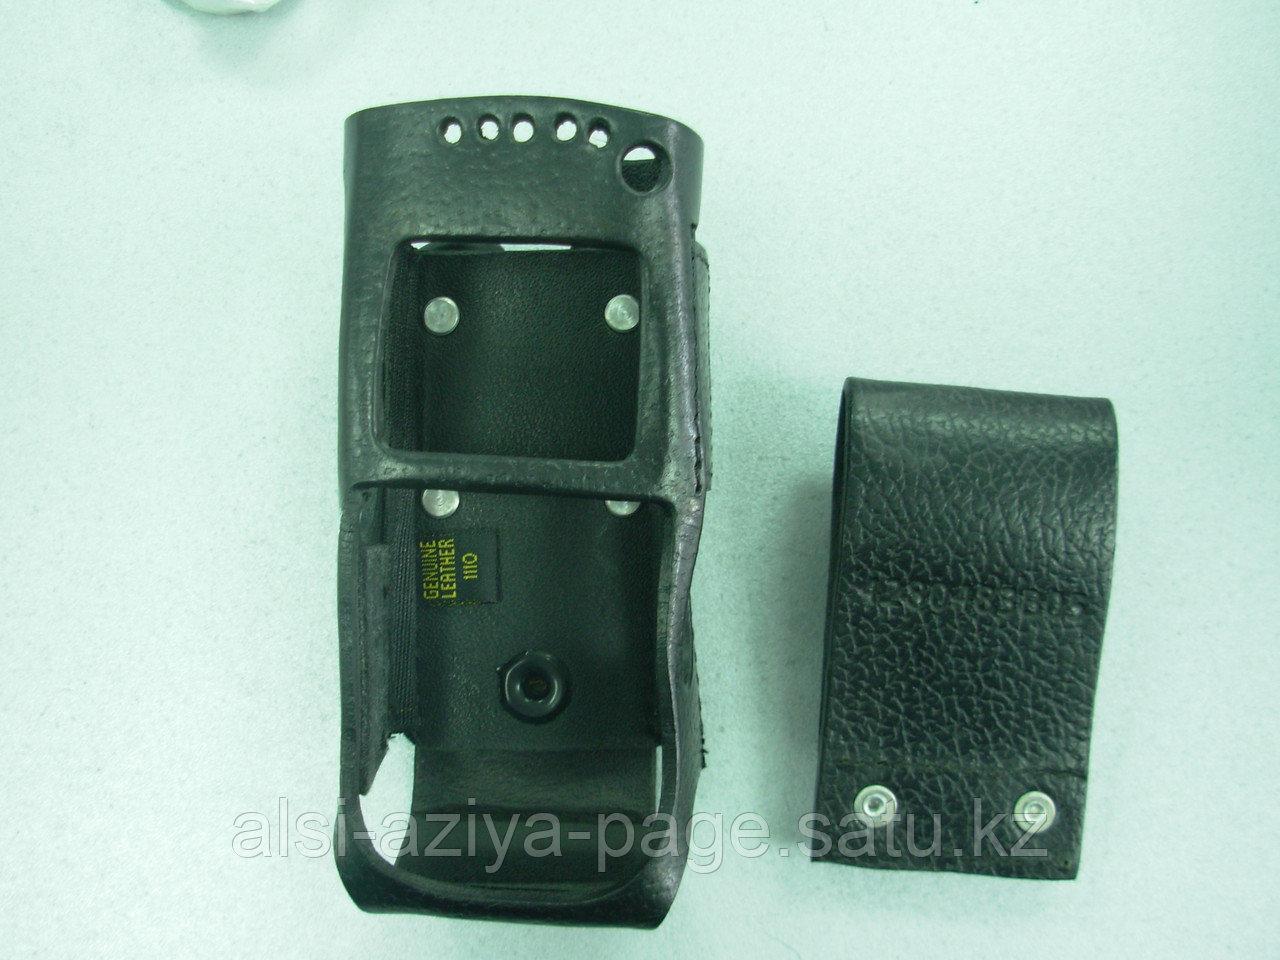 Чехол на рации Motorola MTP850/CEP400 с поворотным механизмом